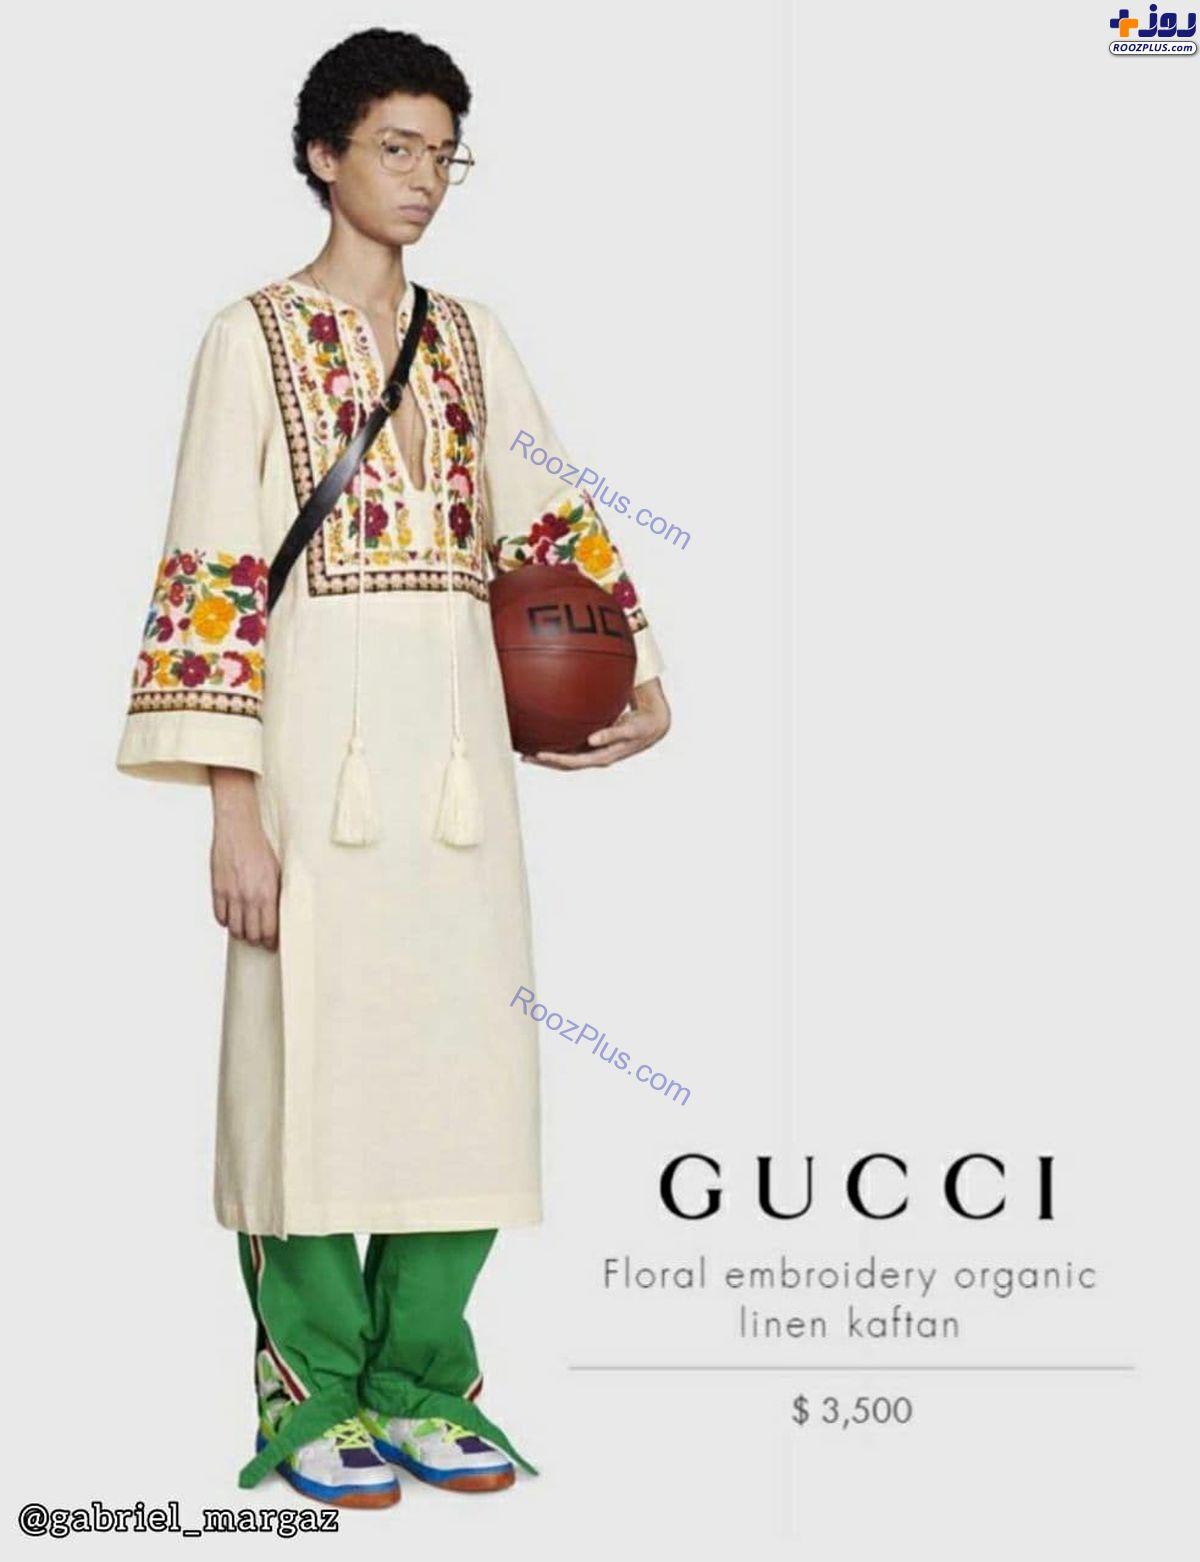 جنجال لباس جدید برند گوچی در هند +عکس